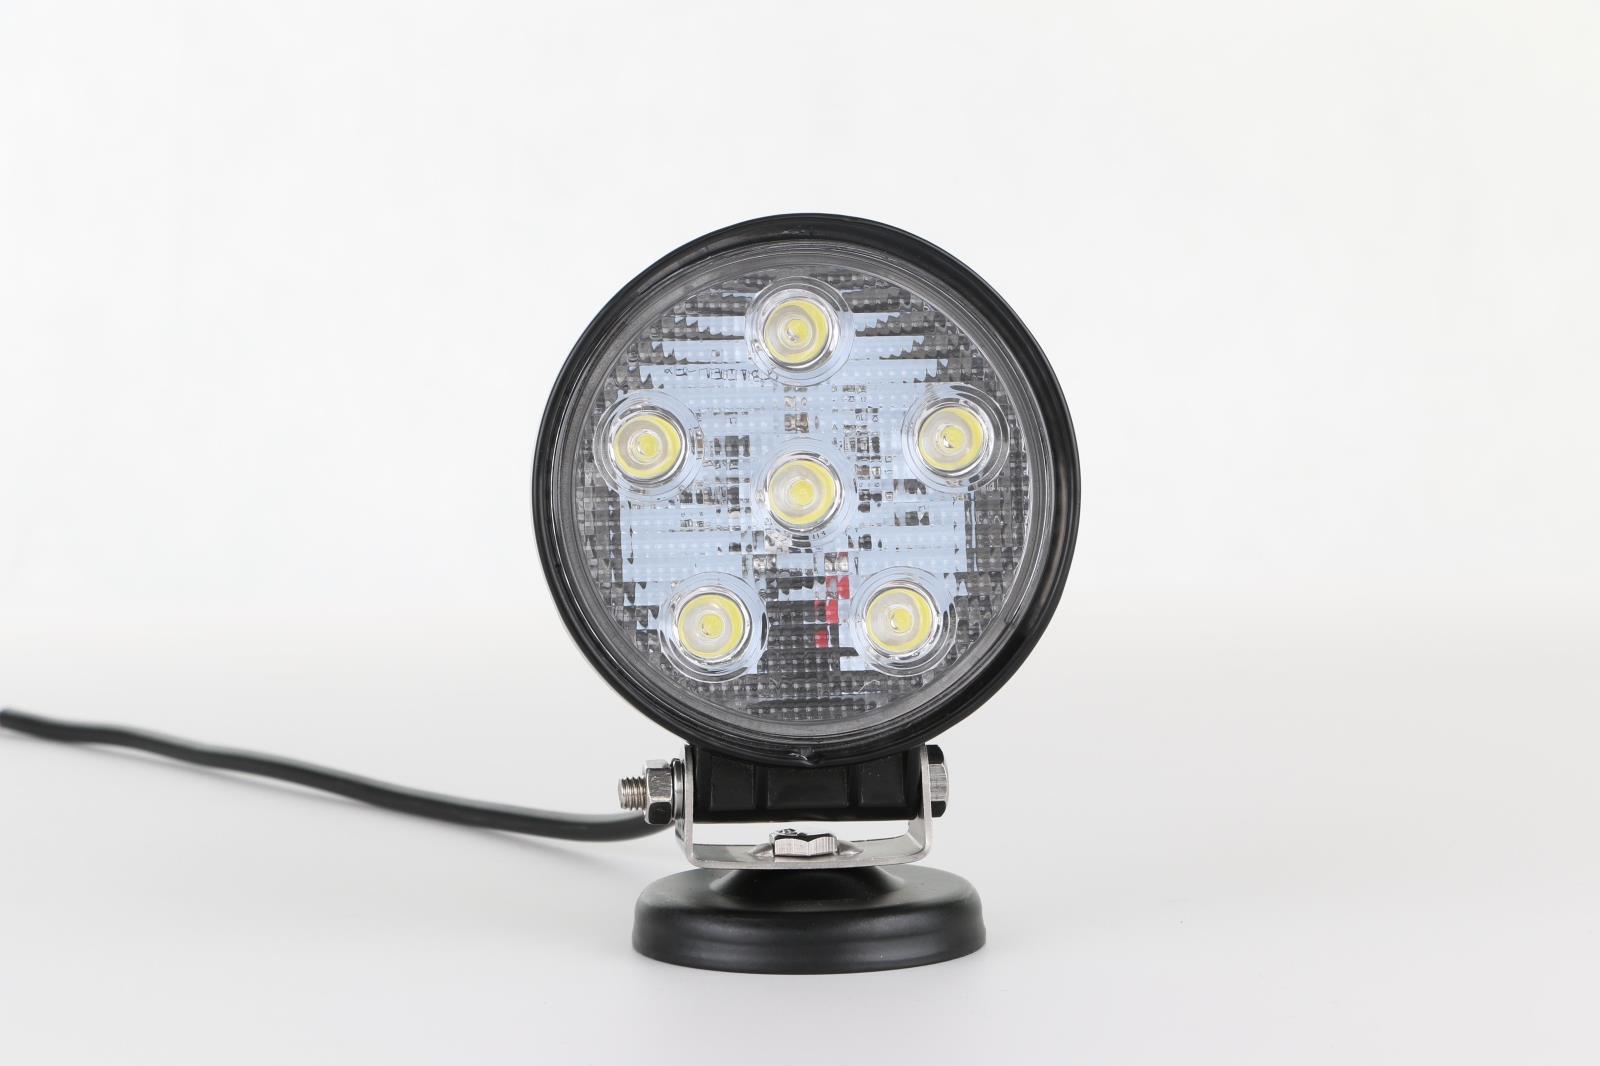 厂家供应 18W汽车led工作灯 越野车灯 汽车工程射灯 LED车顶灯